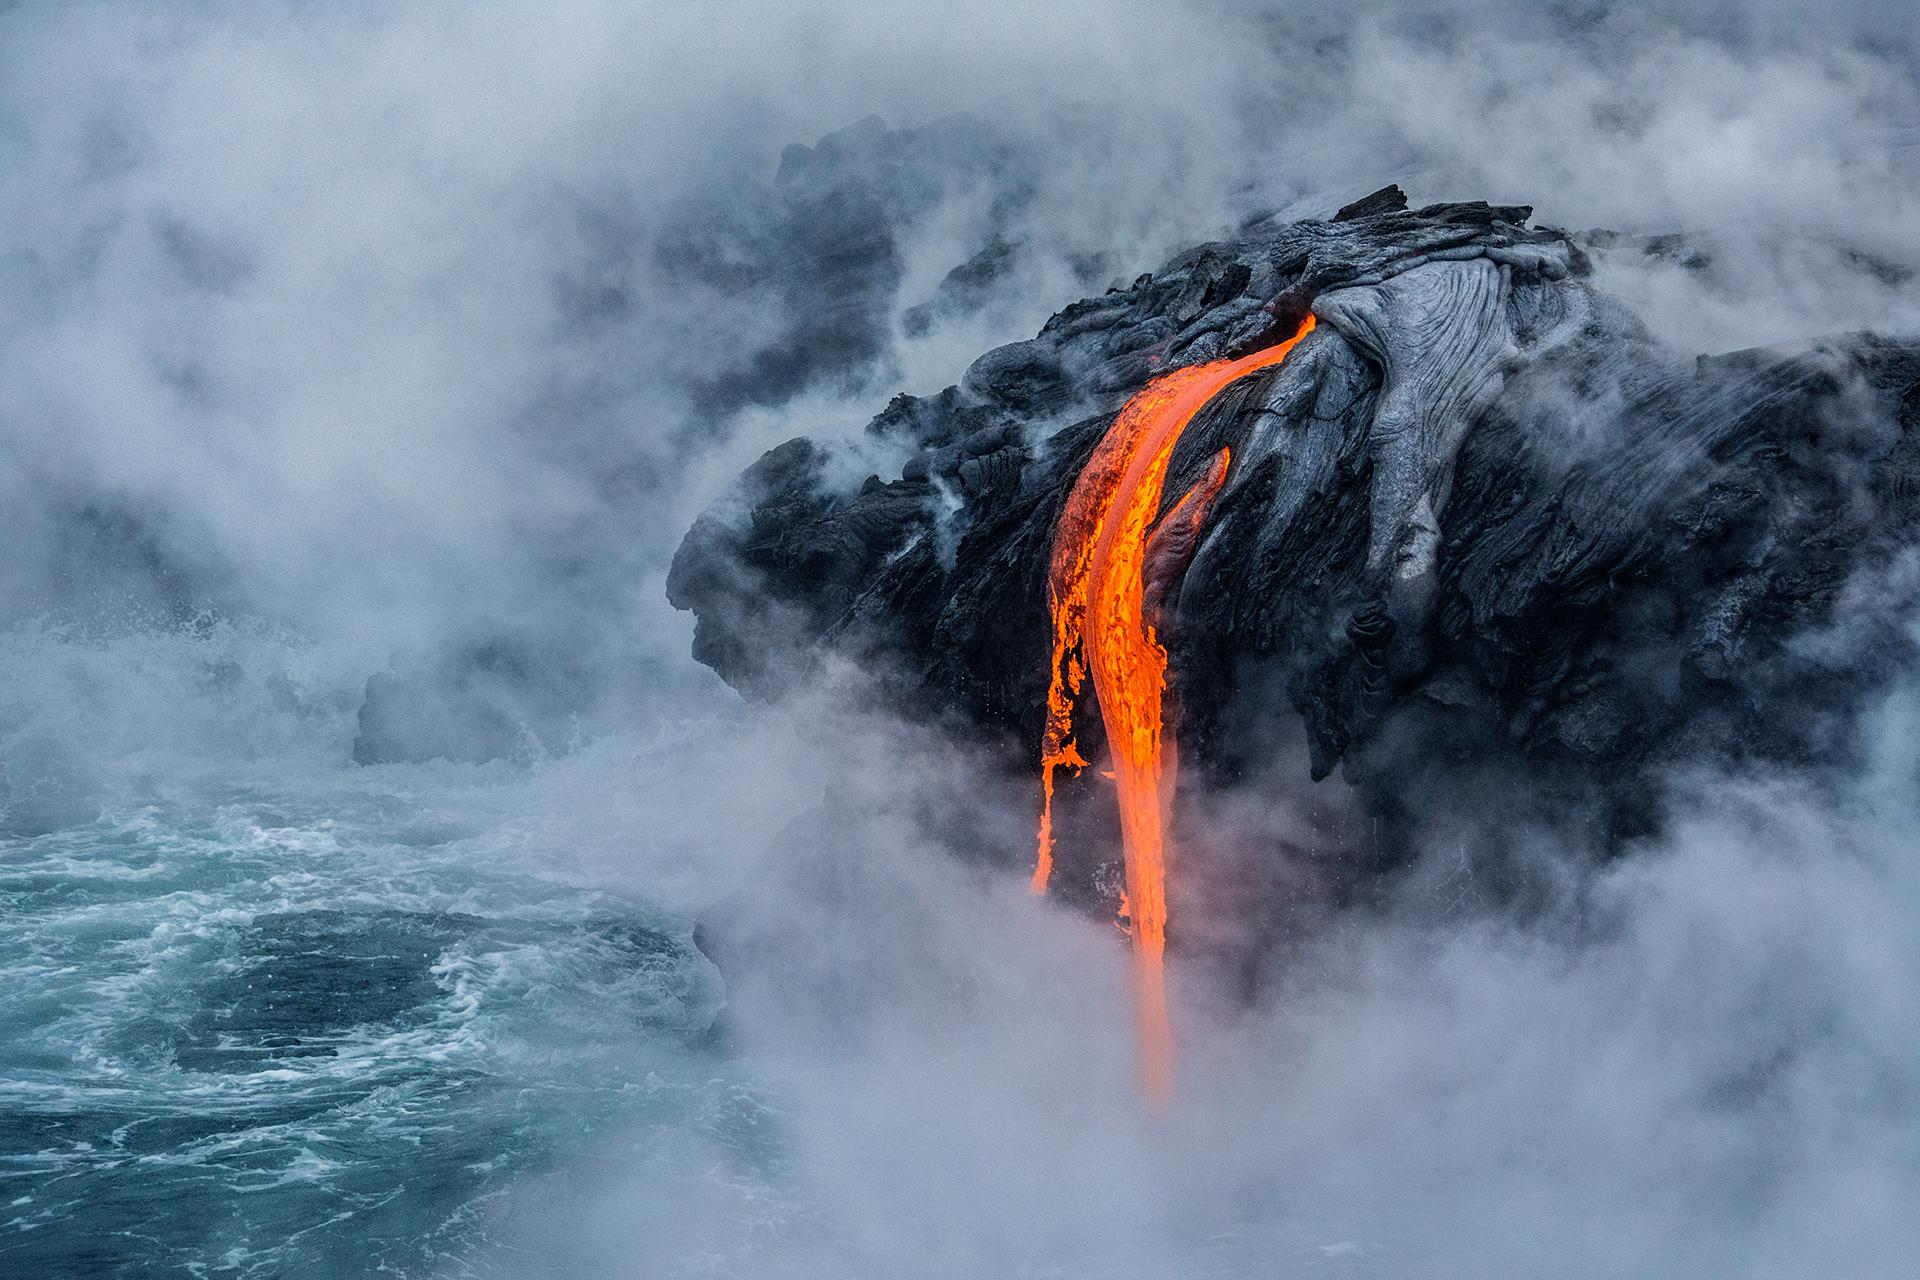 """Mención de honor: Ciencias de la Tierra y climatología. """"El fuego de Pelé"""". Sobre el flujo de lava en el activo volcán Kilauea en el Parque Nacional de Hawai"""